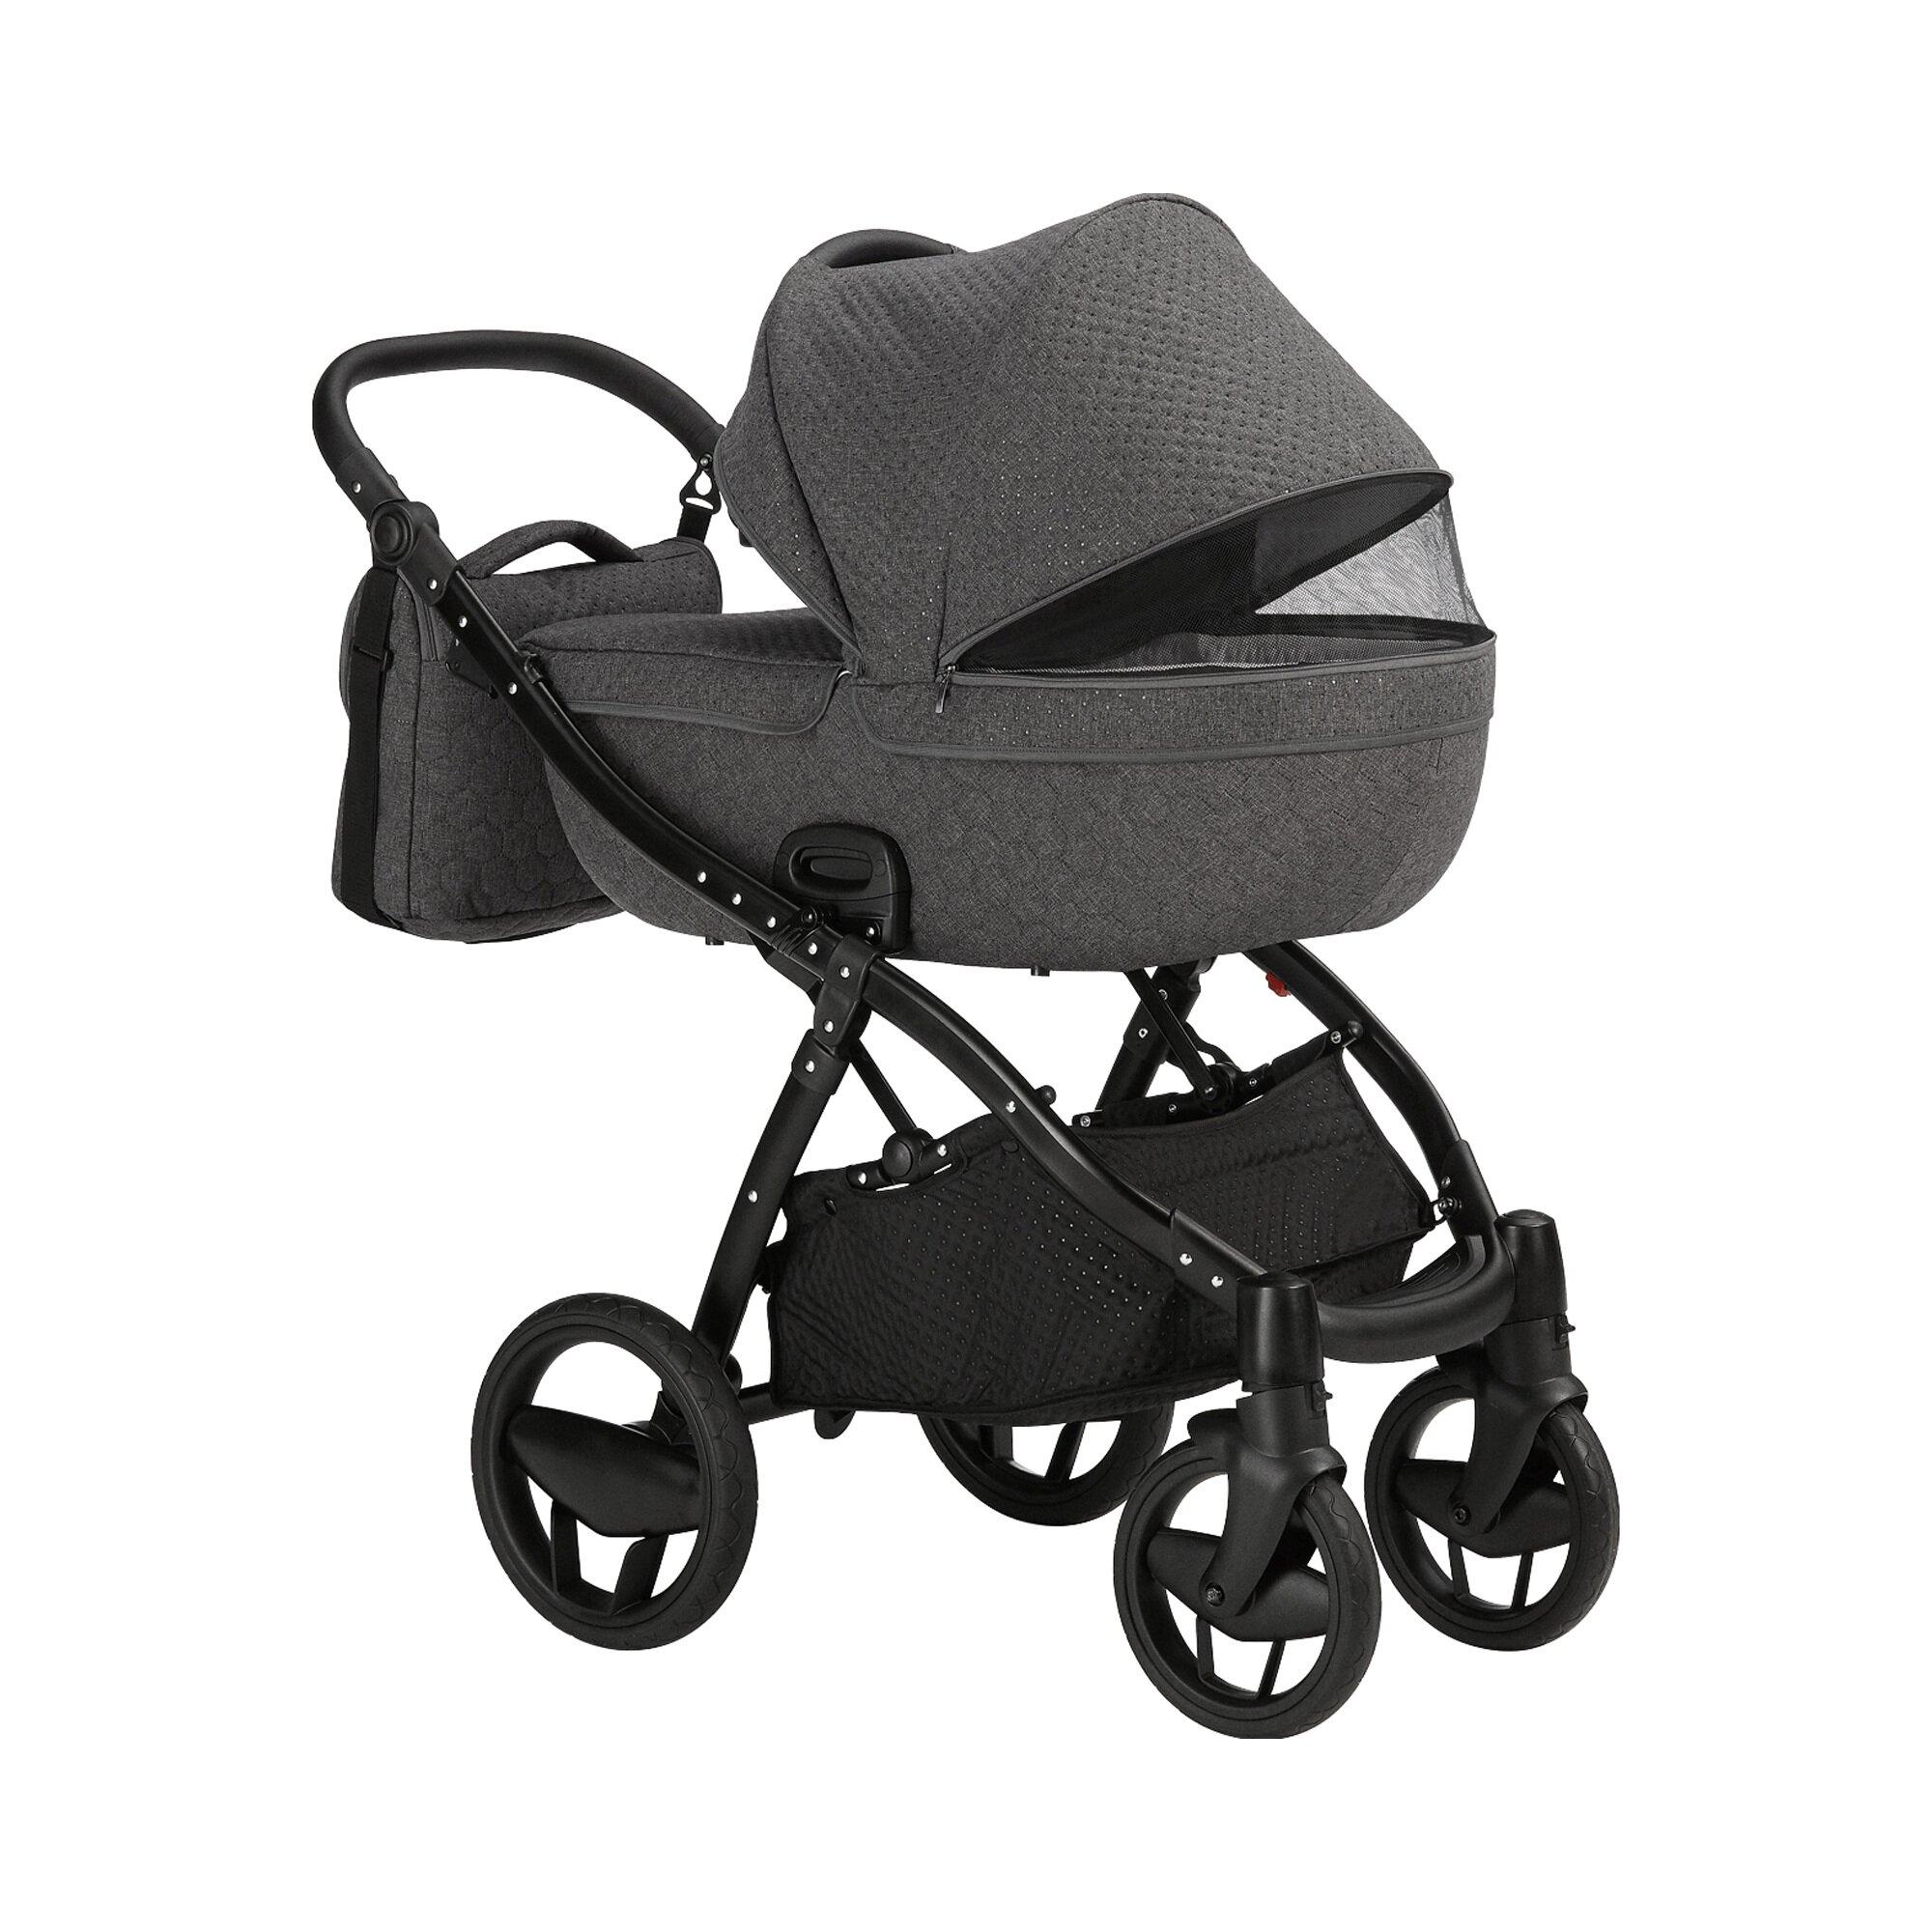 knorr-baby-piquetto-kombikinderwagen-grau